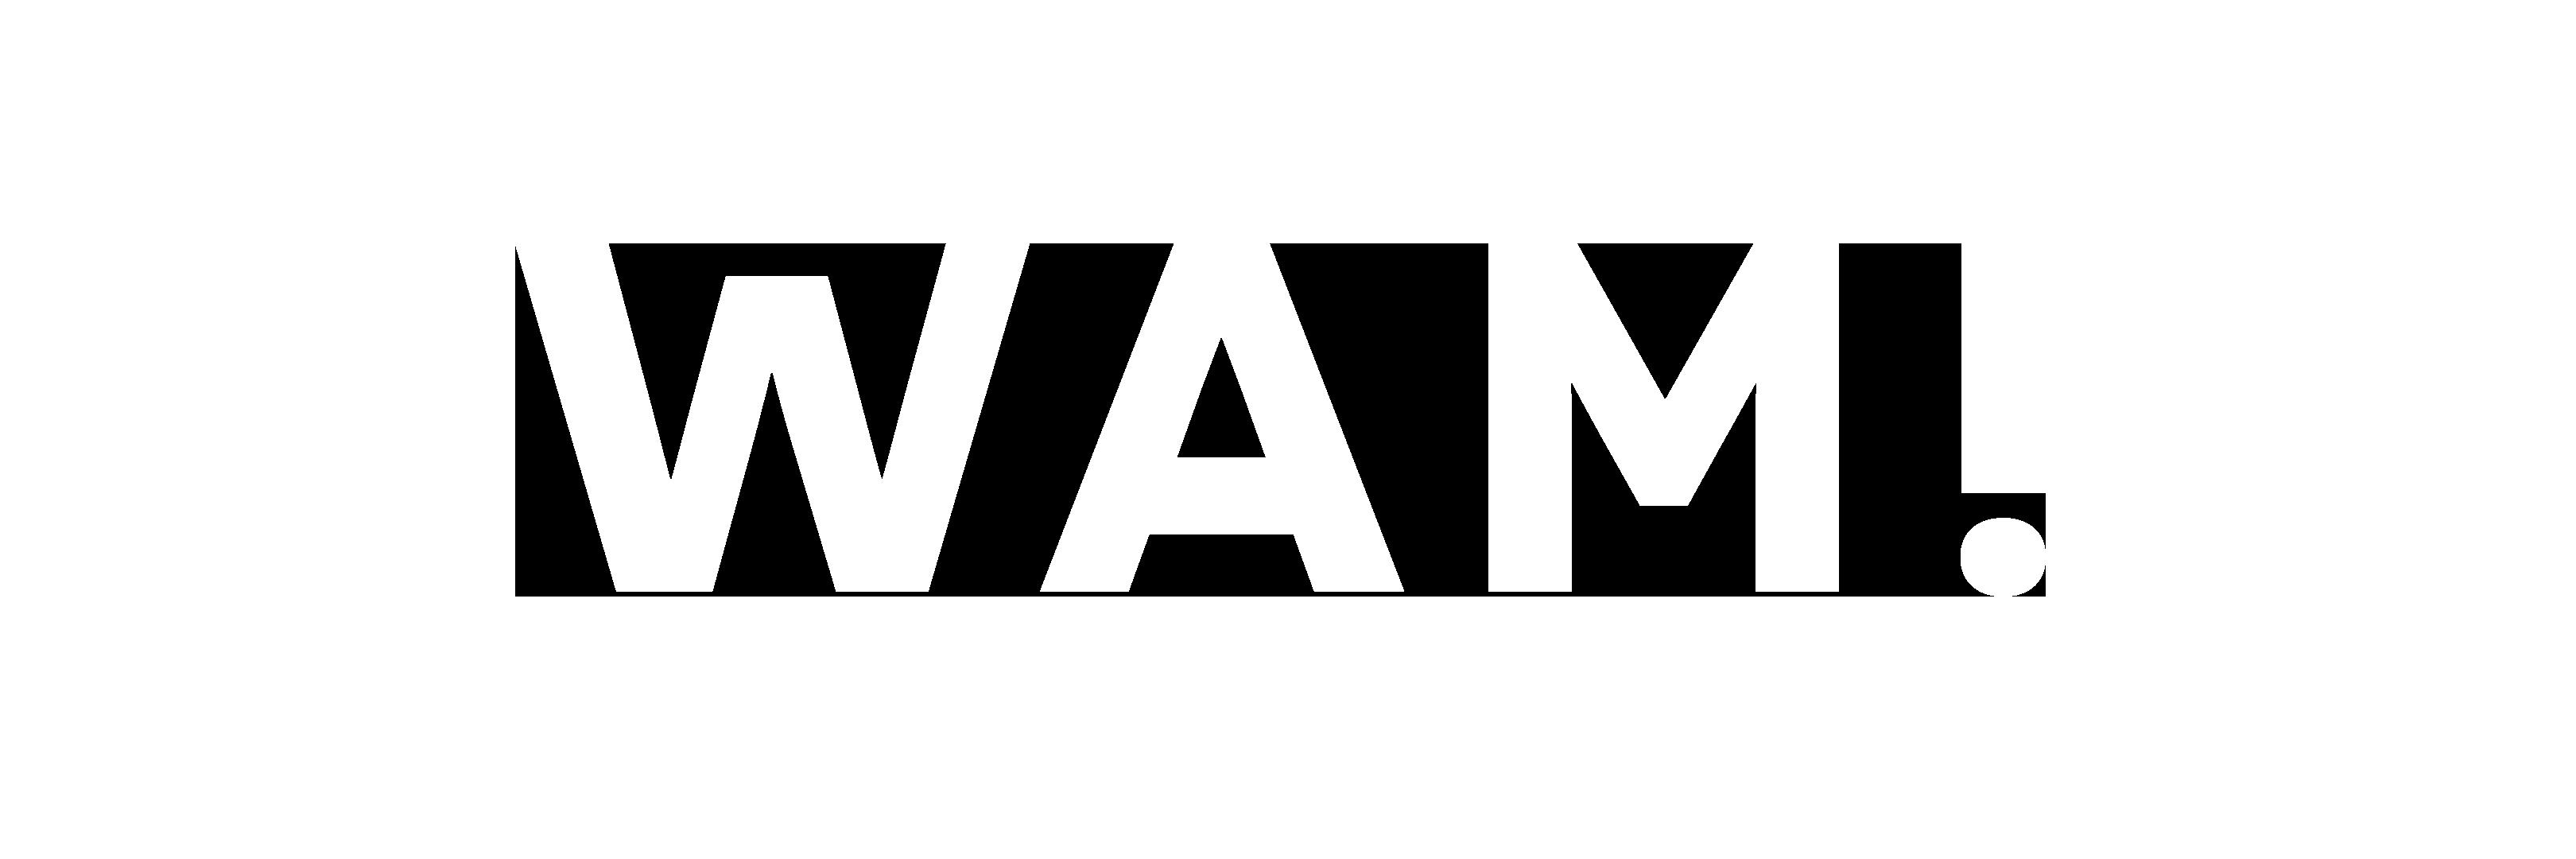 WAM! Estudio Creativo